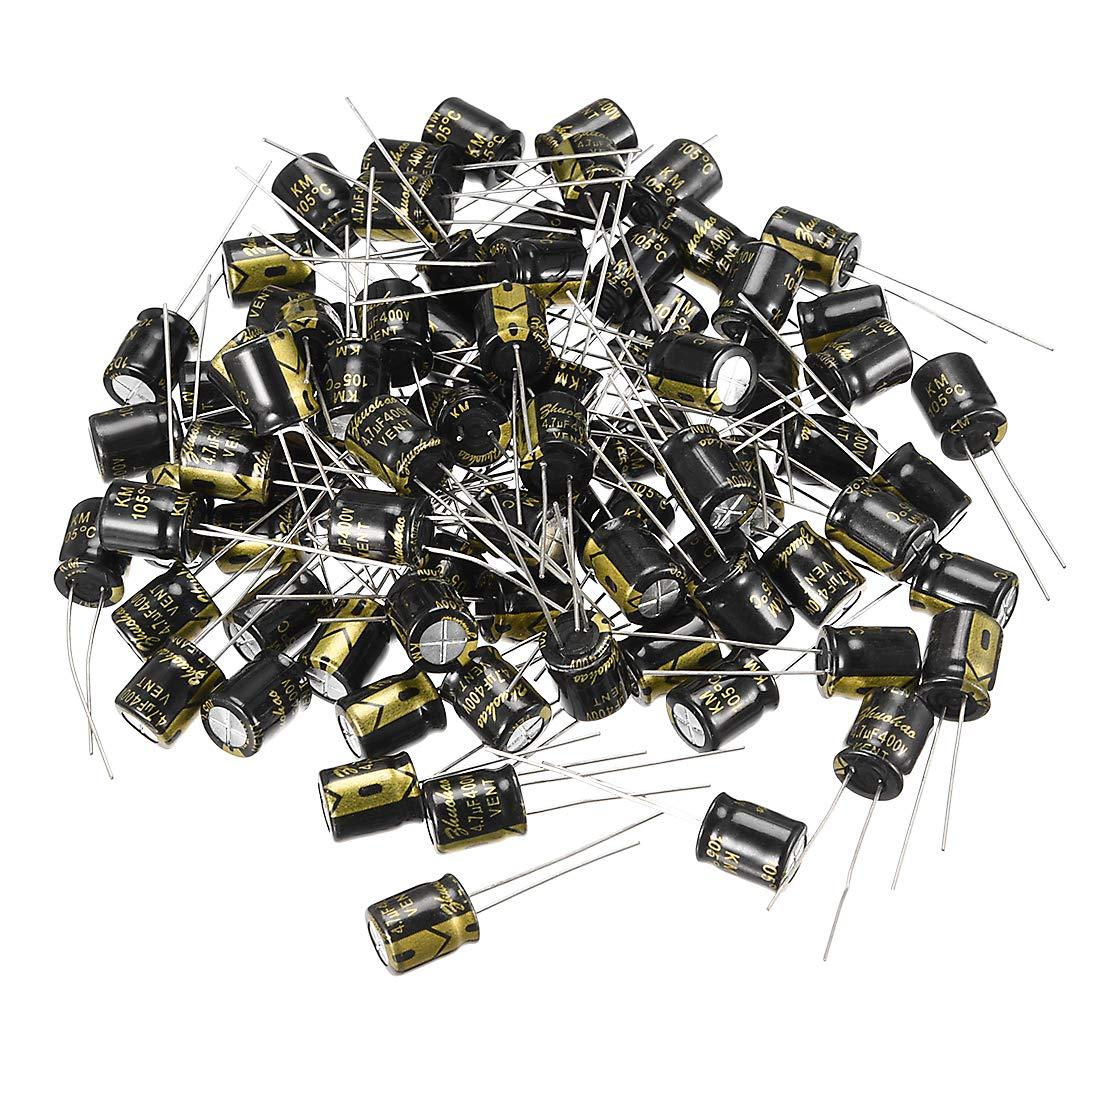 10 x 1000uF 10V 105C radiale condensatore elettrolitico 8x11mm SODIAL R